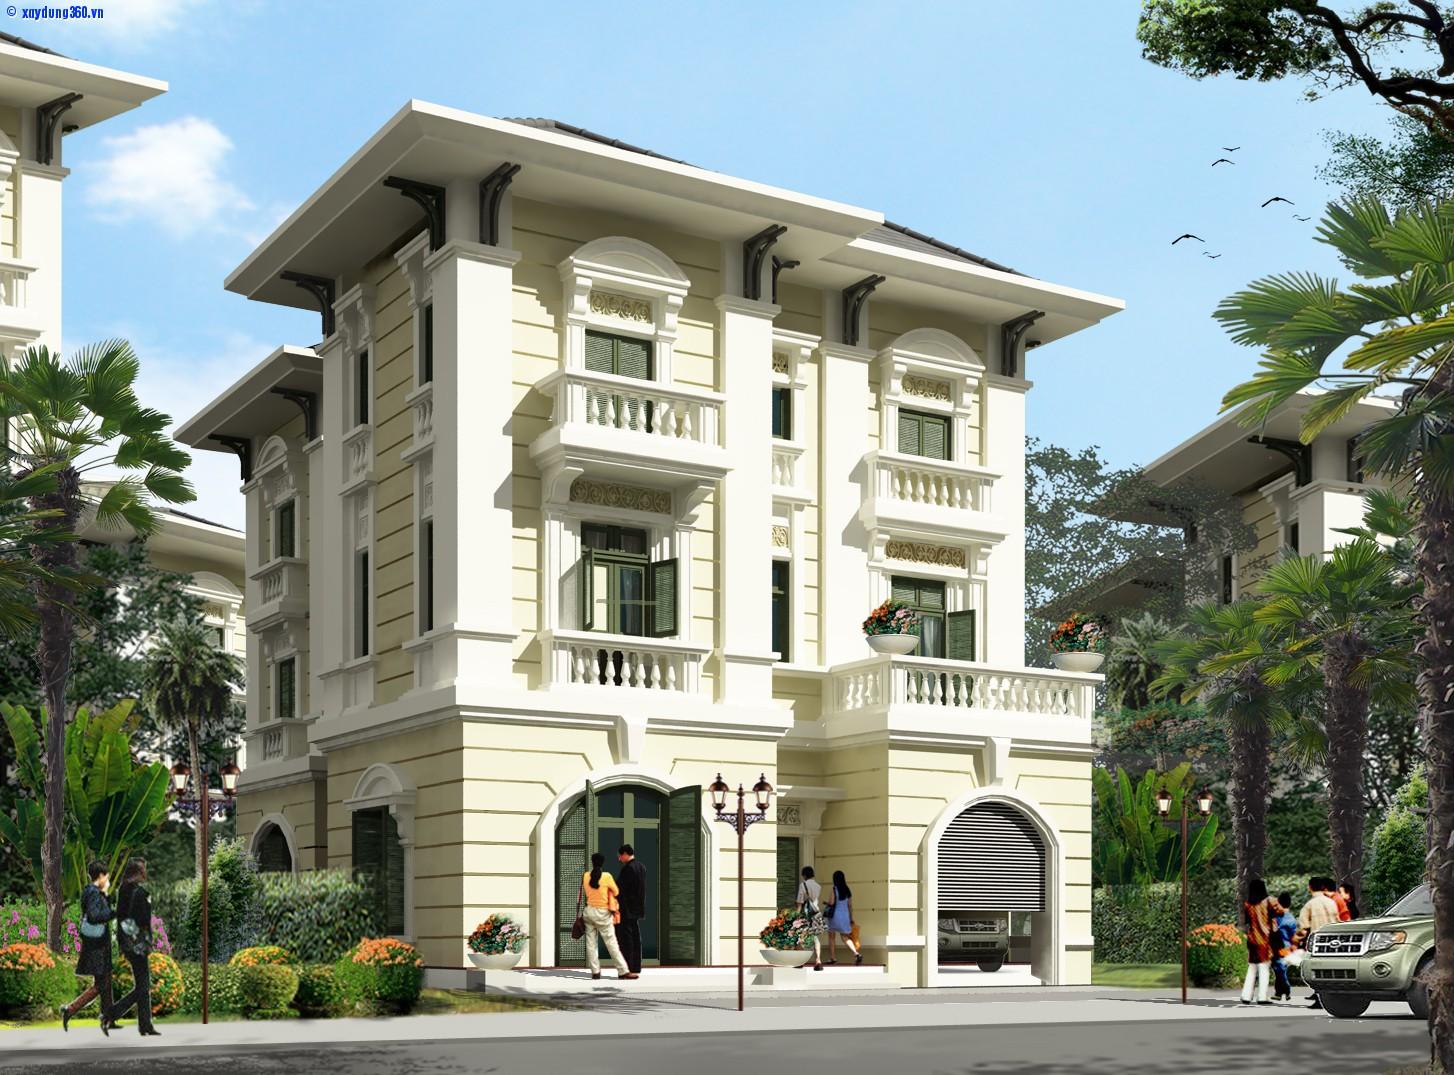 biệt thự 3 tầng 2 mặt tiền 9 - Biệt thự 3 tầng 2 mặt tiền | 50 mẫu đẹp đa phong cách